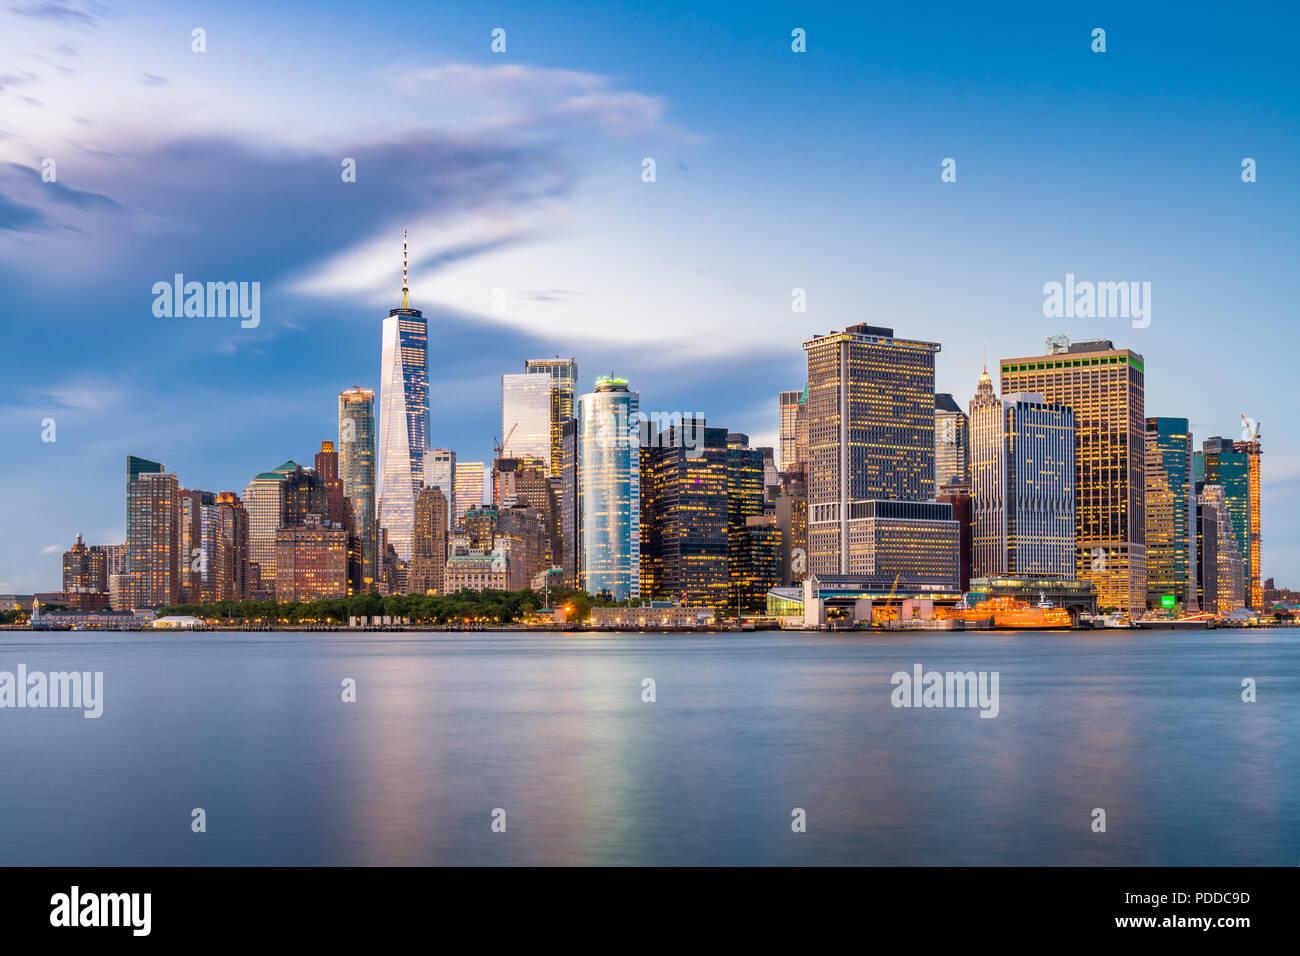 Nueva York, Nueva York, EE.UU., el distrito financiero de Manhattan Inferior del horizonte de la ciudad desde el otro lado del Puerto de Nueva York al anochecer. Imagen De Stock